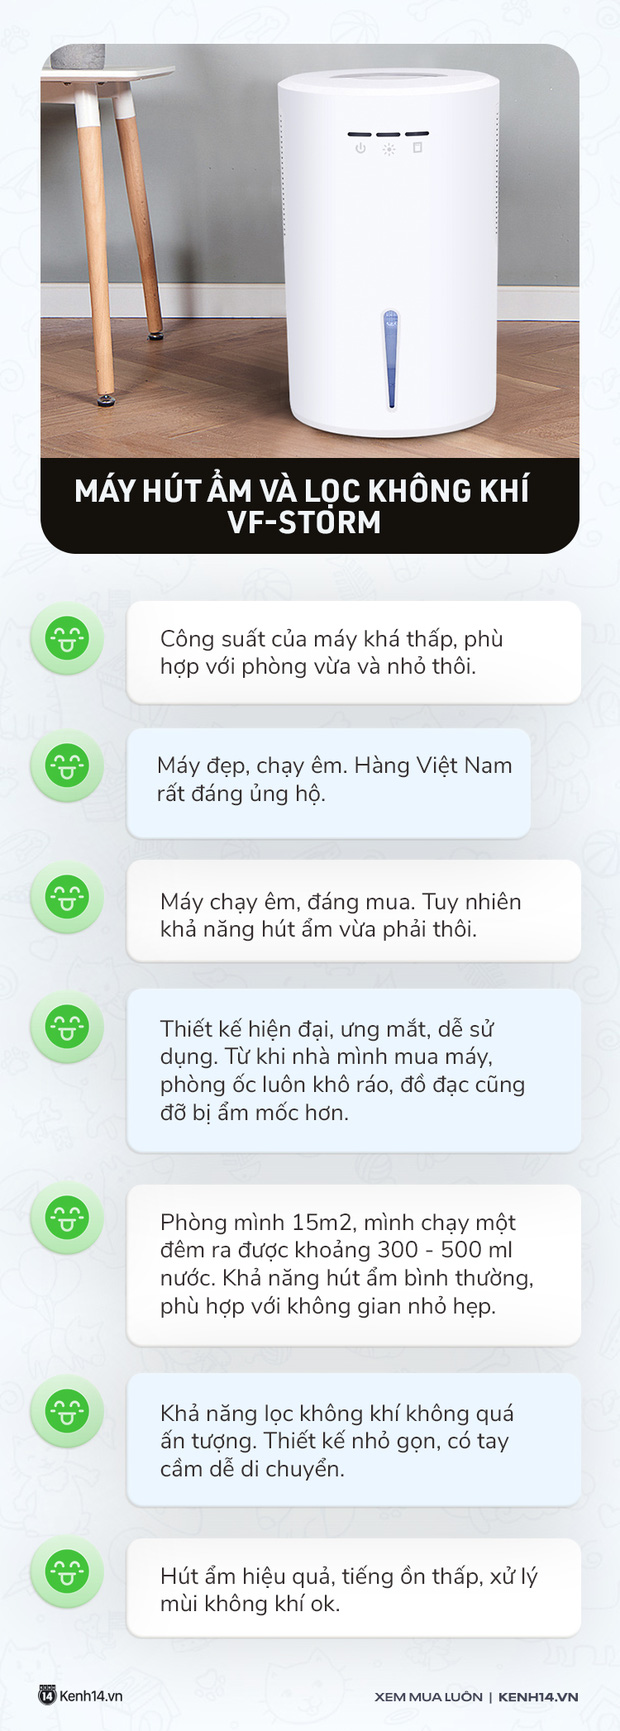 Máy hút ẩm made in Vietnam giá chưa đến 2 triệu: Đẹp, ít ồn nhưng chỉ hợp với phòng nhỏ - Ảnh 6.